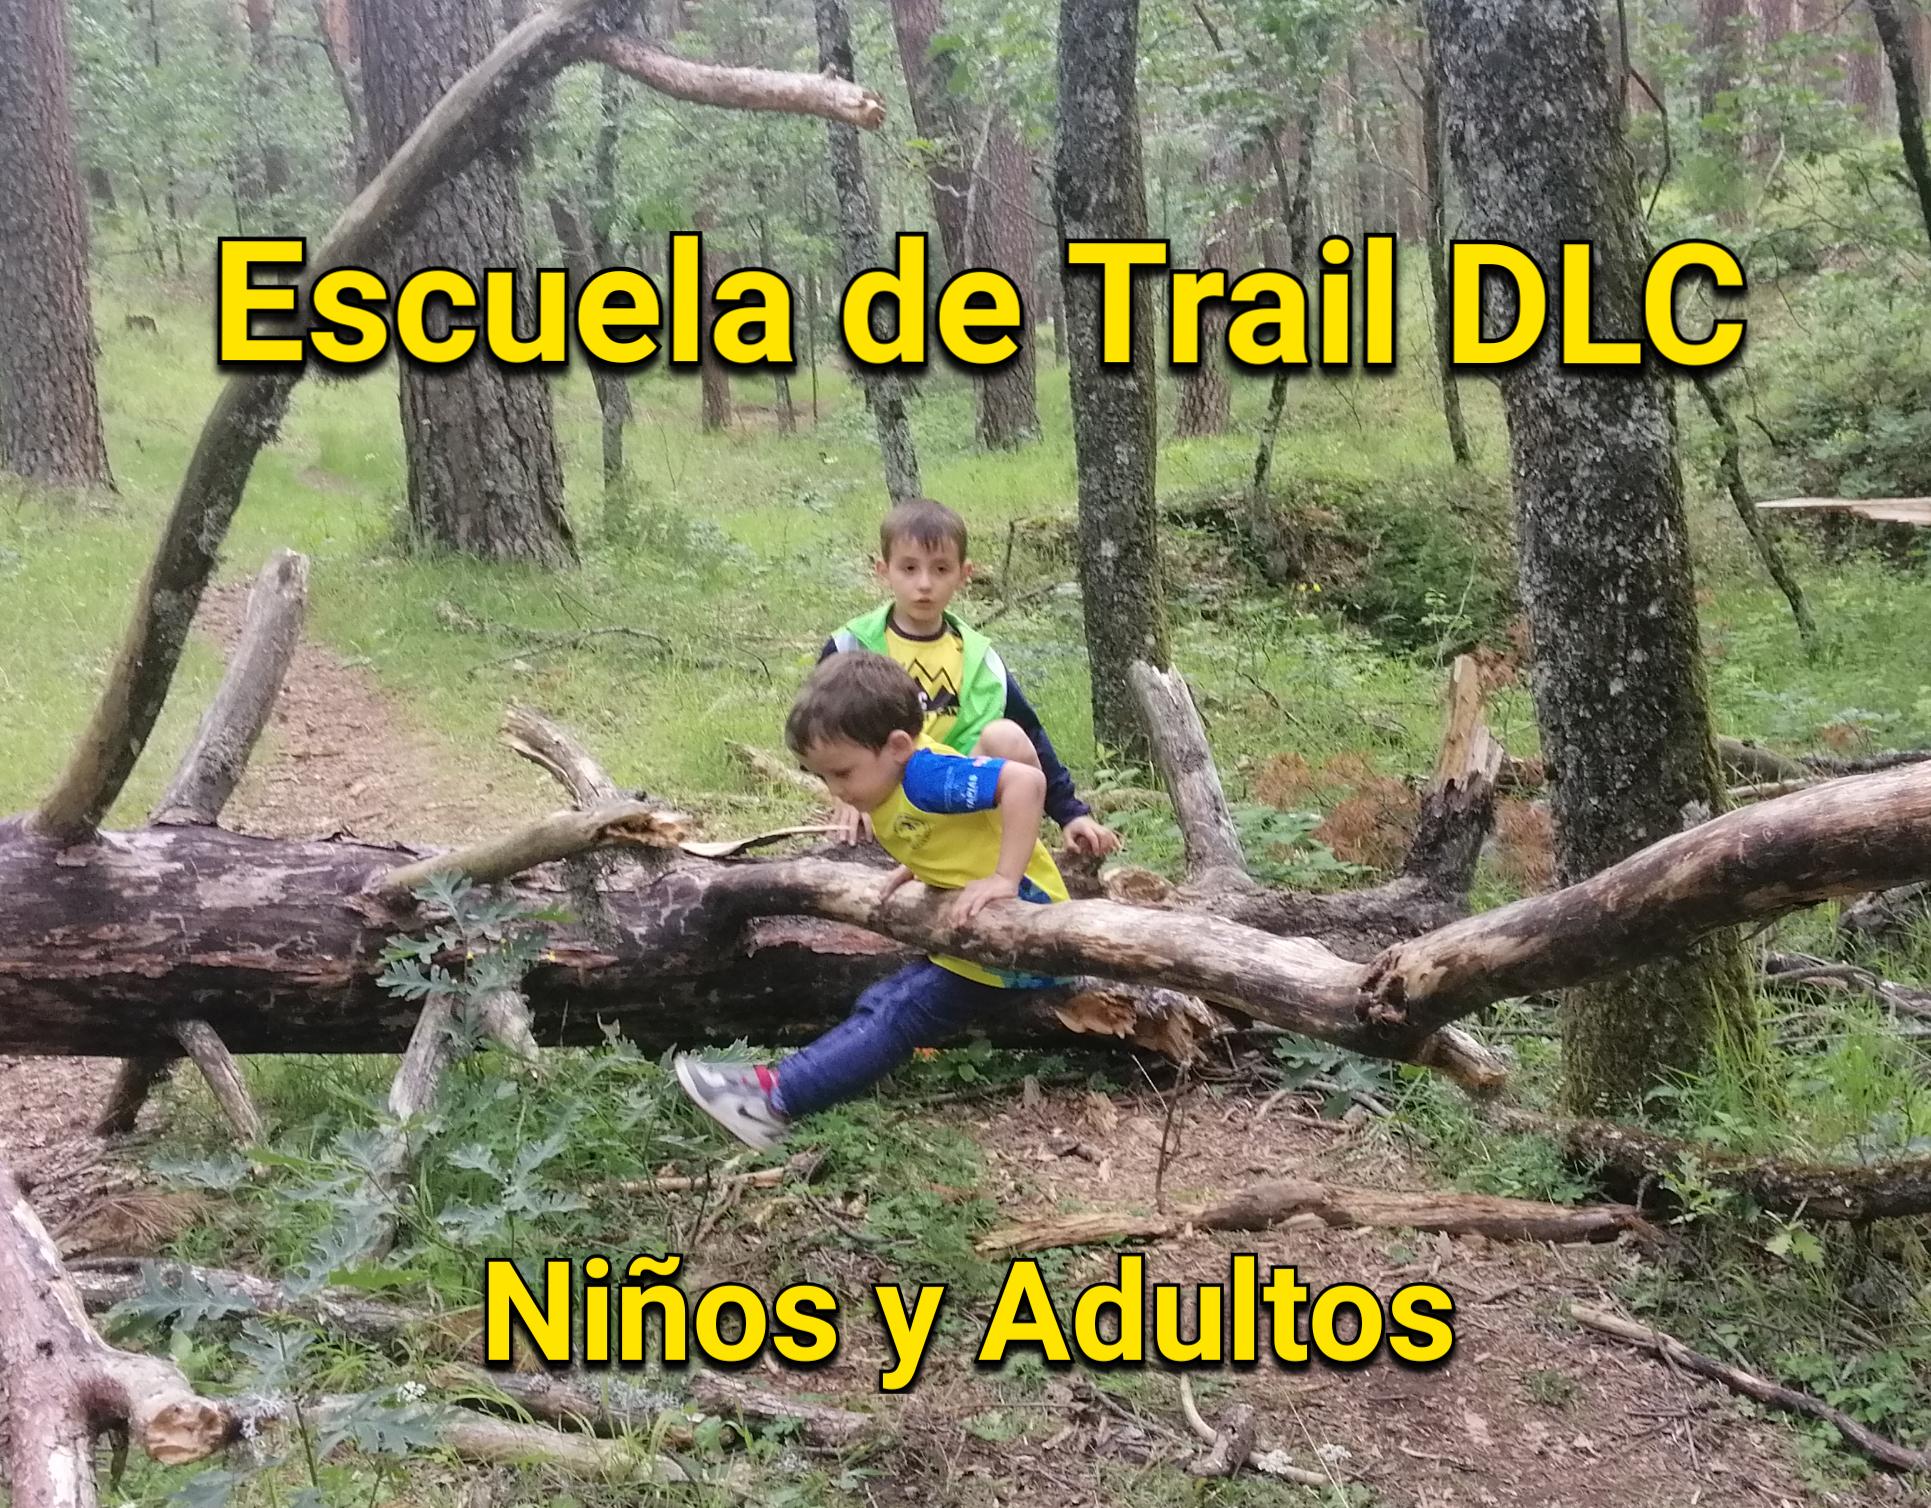 escuela de trail